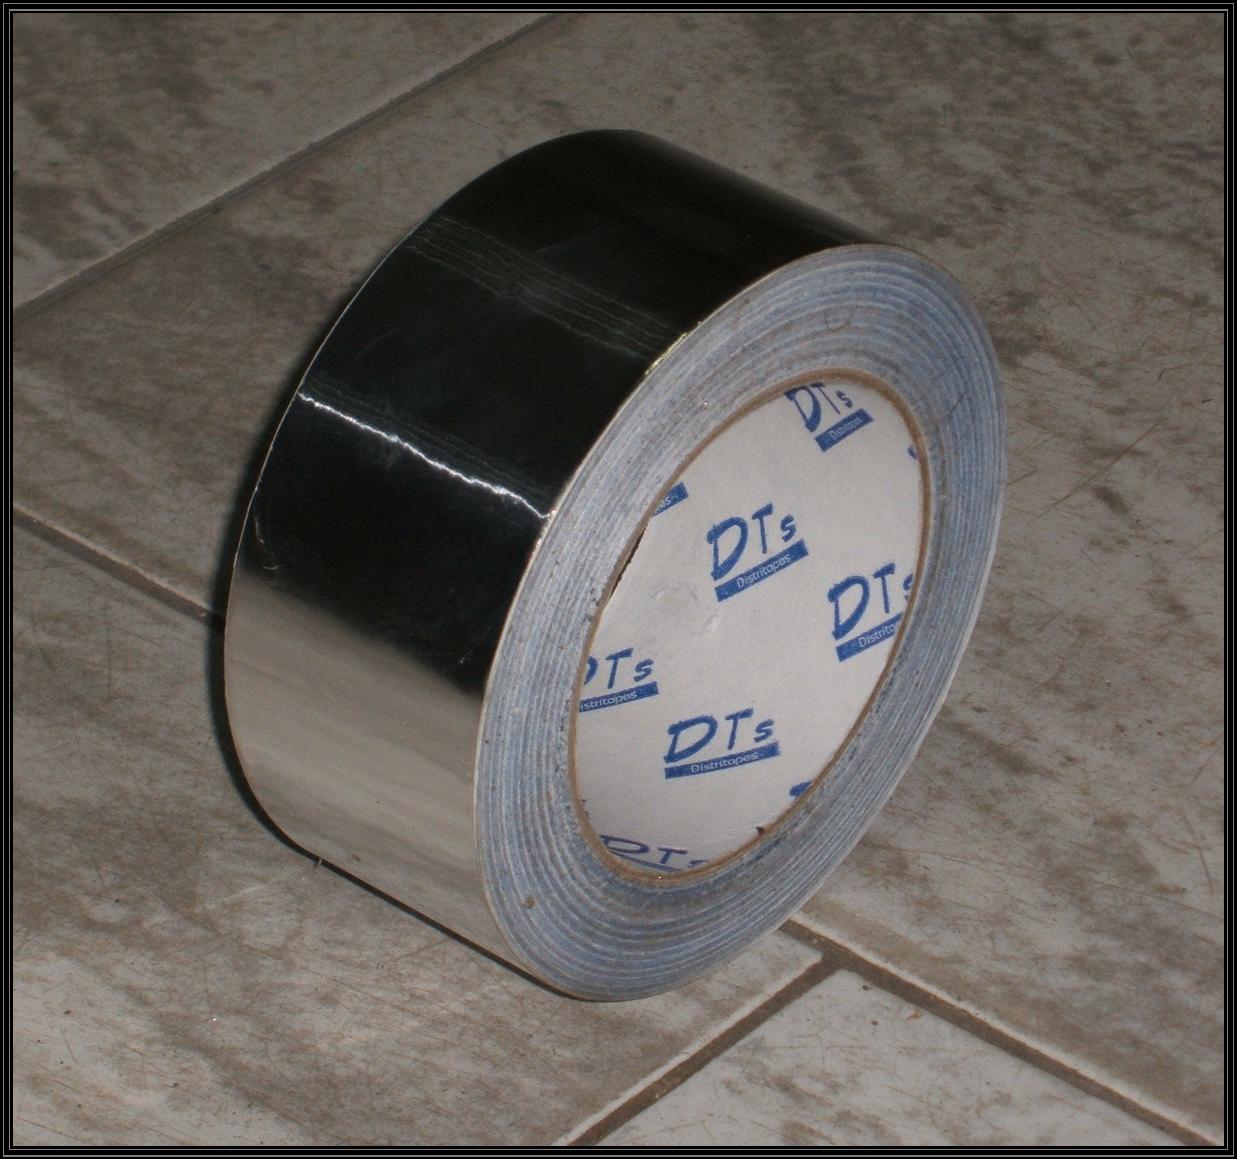 Chimeneas sierra cinta adhesiva de aluminio - Tubo de chimenea ...